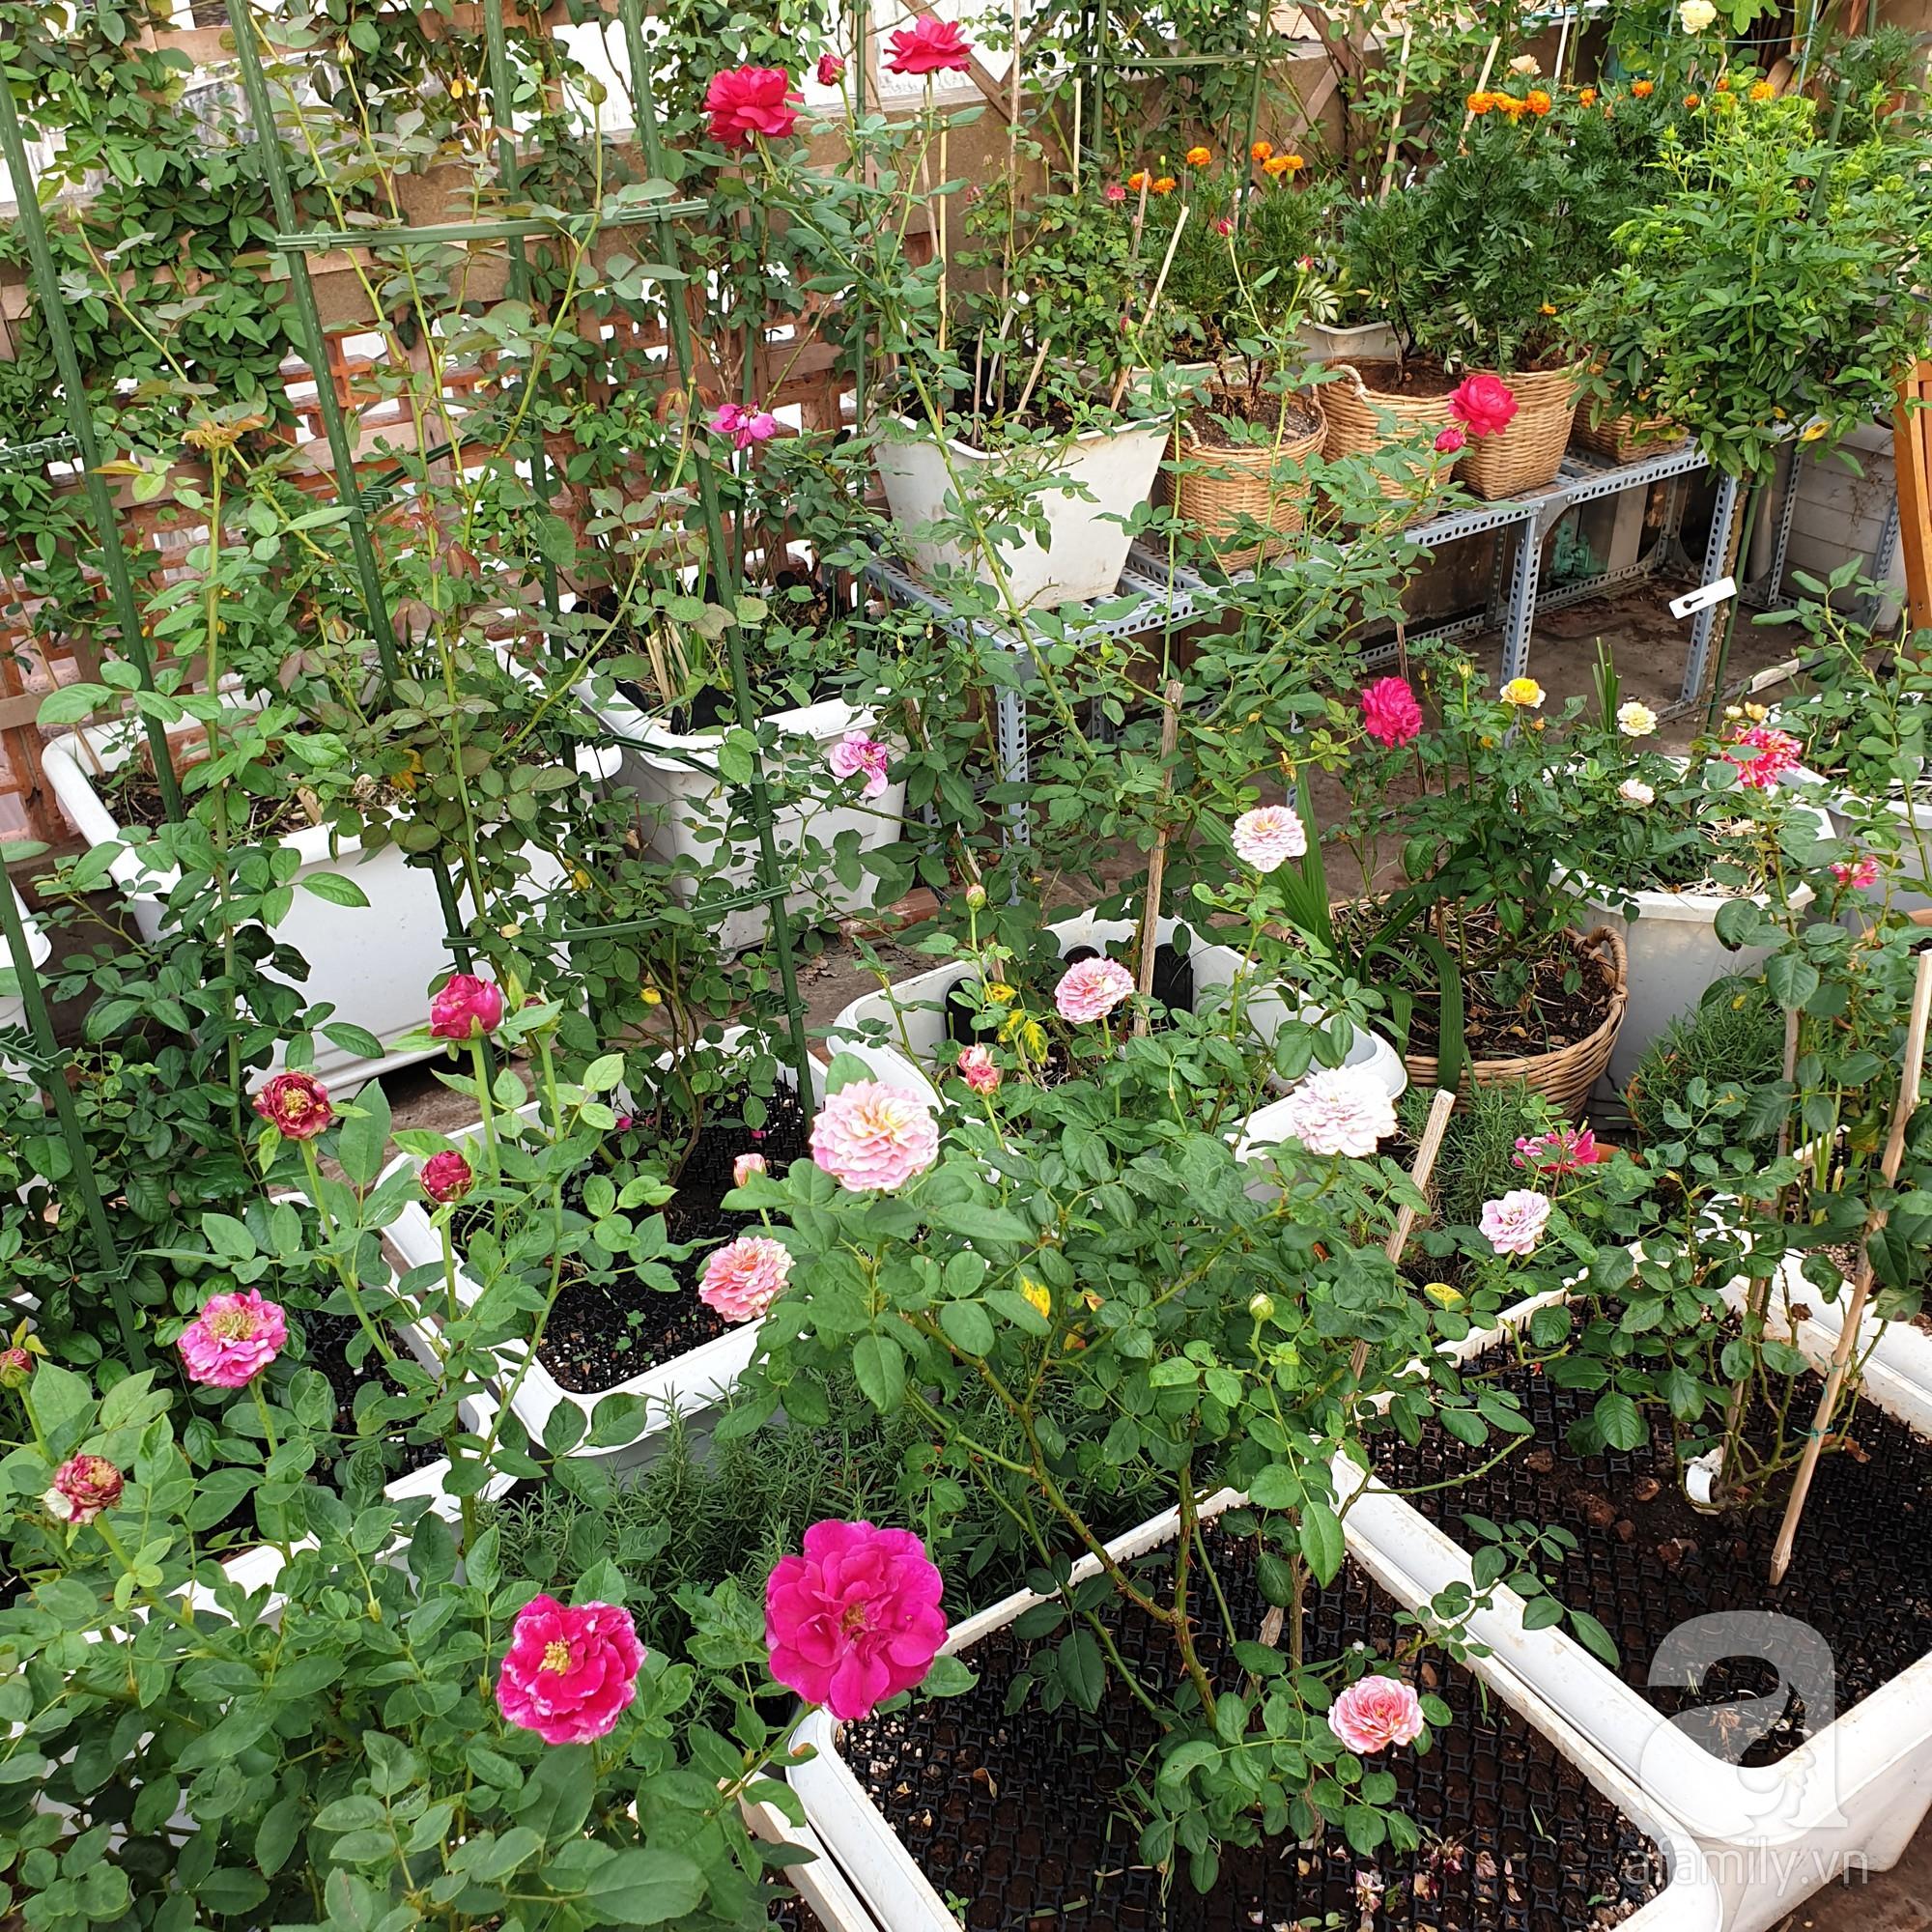 Vườn hồng trên sân thượng rực rỡ sắc màu của chàng trai 8x siêu đảm ở Sài Gòn - Ảnh 6.